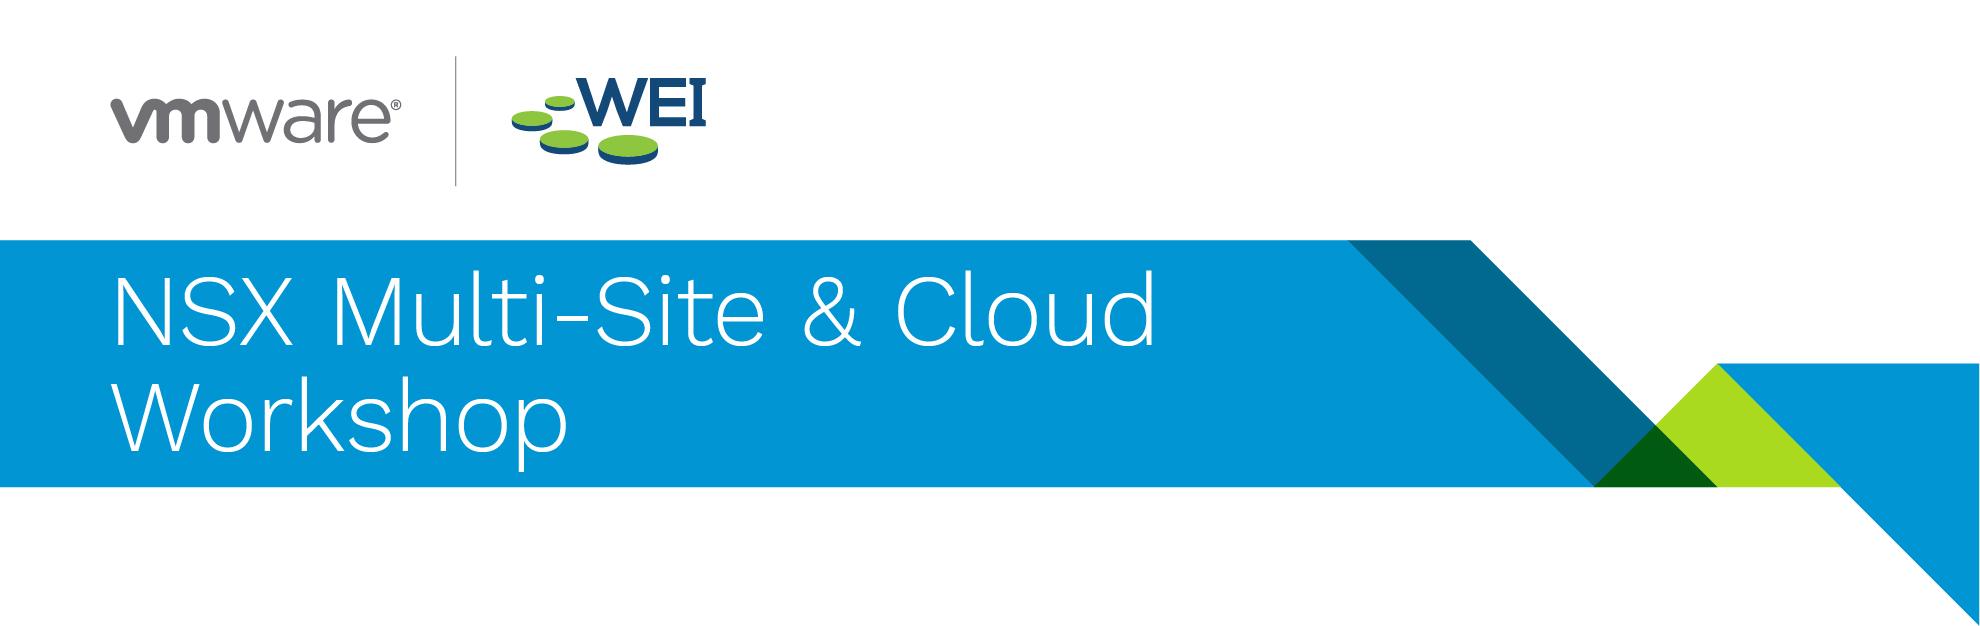 NSX Multi-Sute & Cloud Networking Workshop - WEI